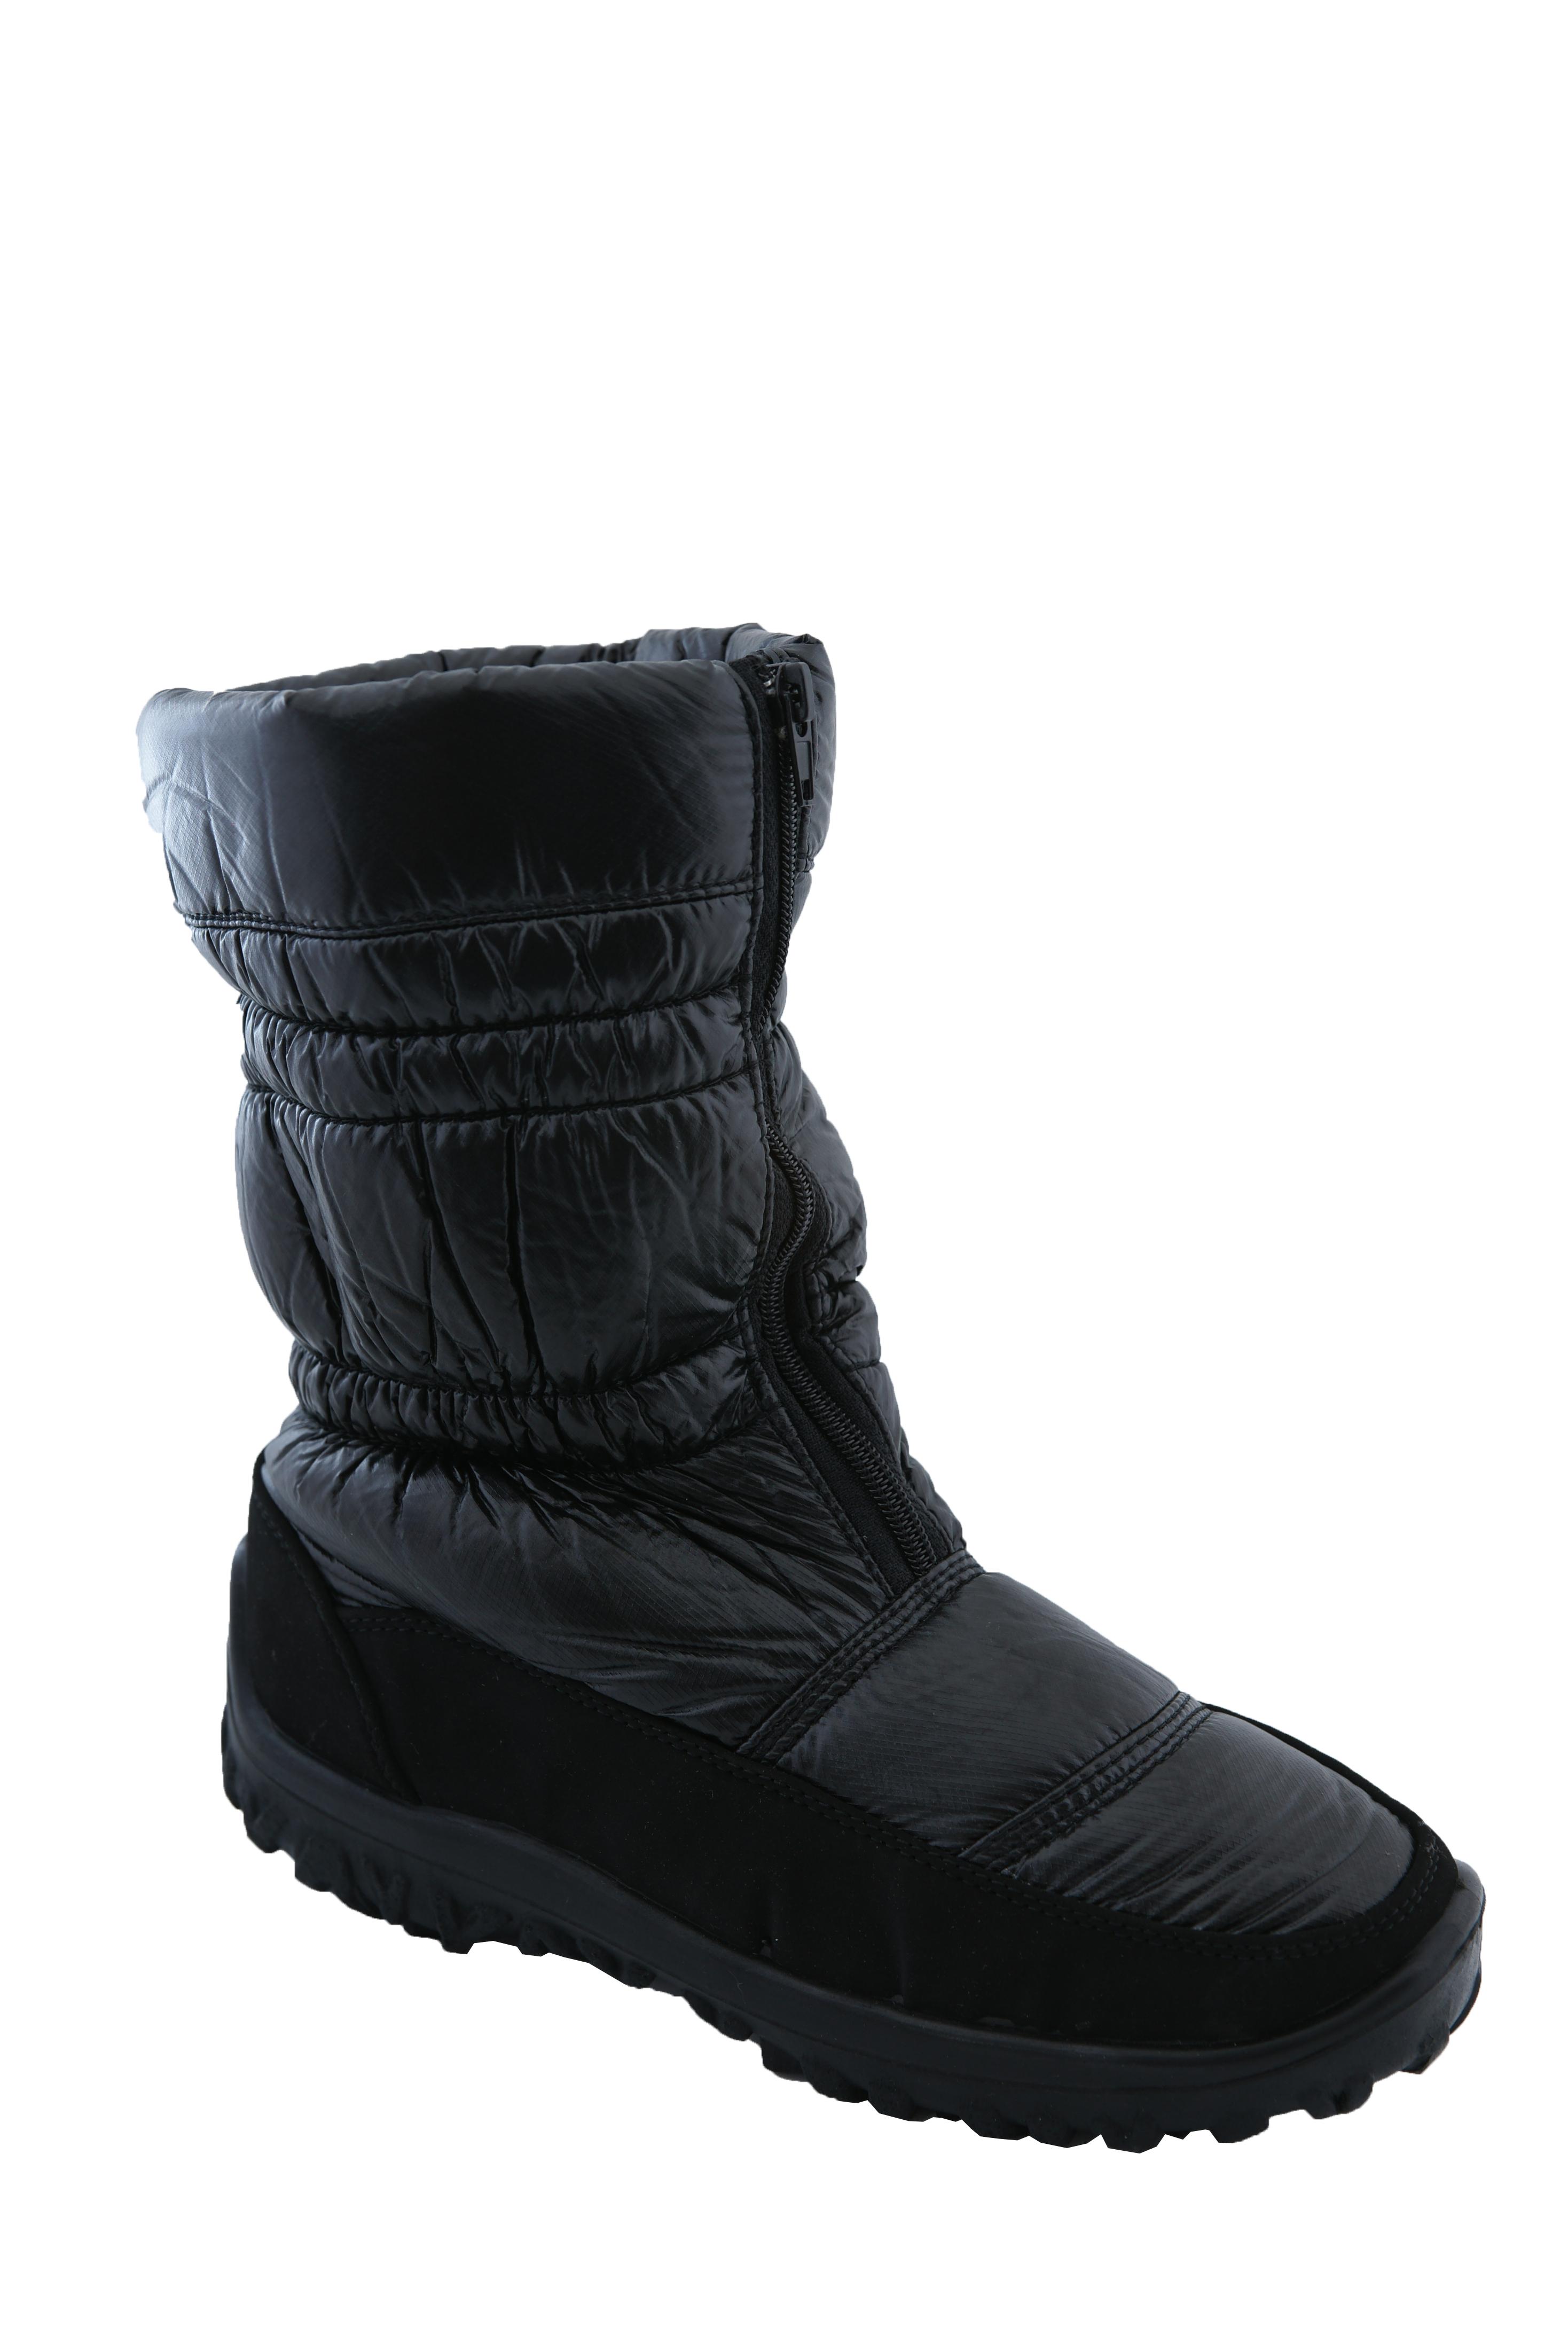 mai bine pe picioare imagini din poze noi Ghete de iarna impermeabile Tellus negre Dama